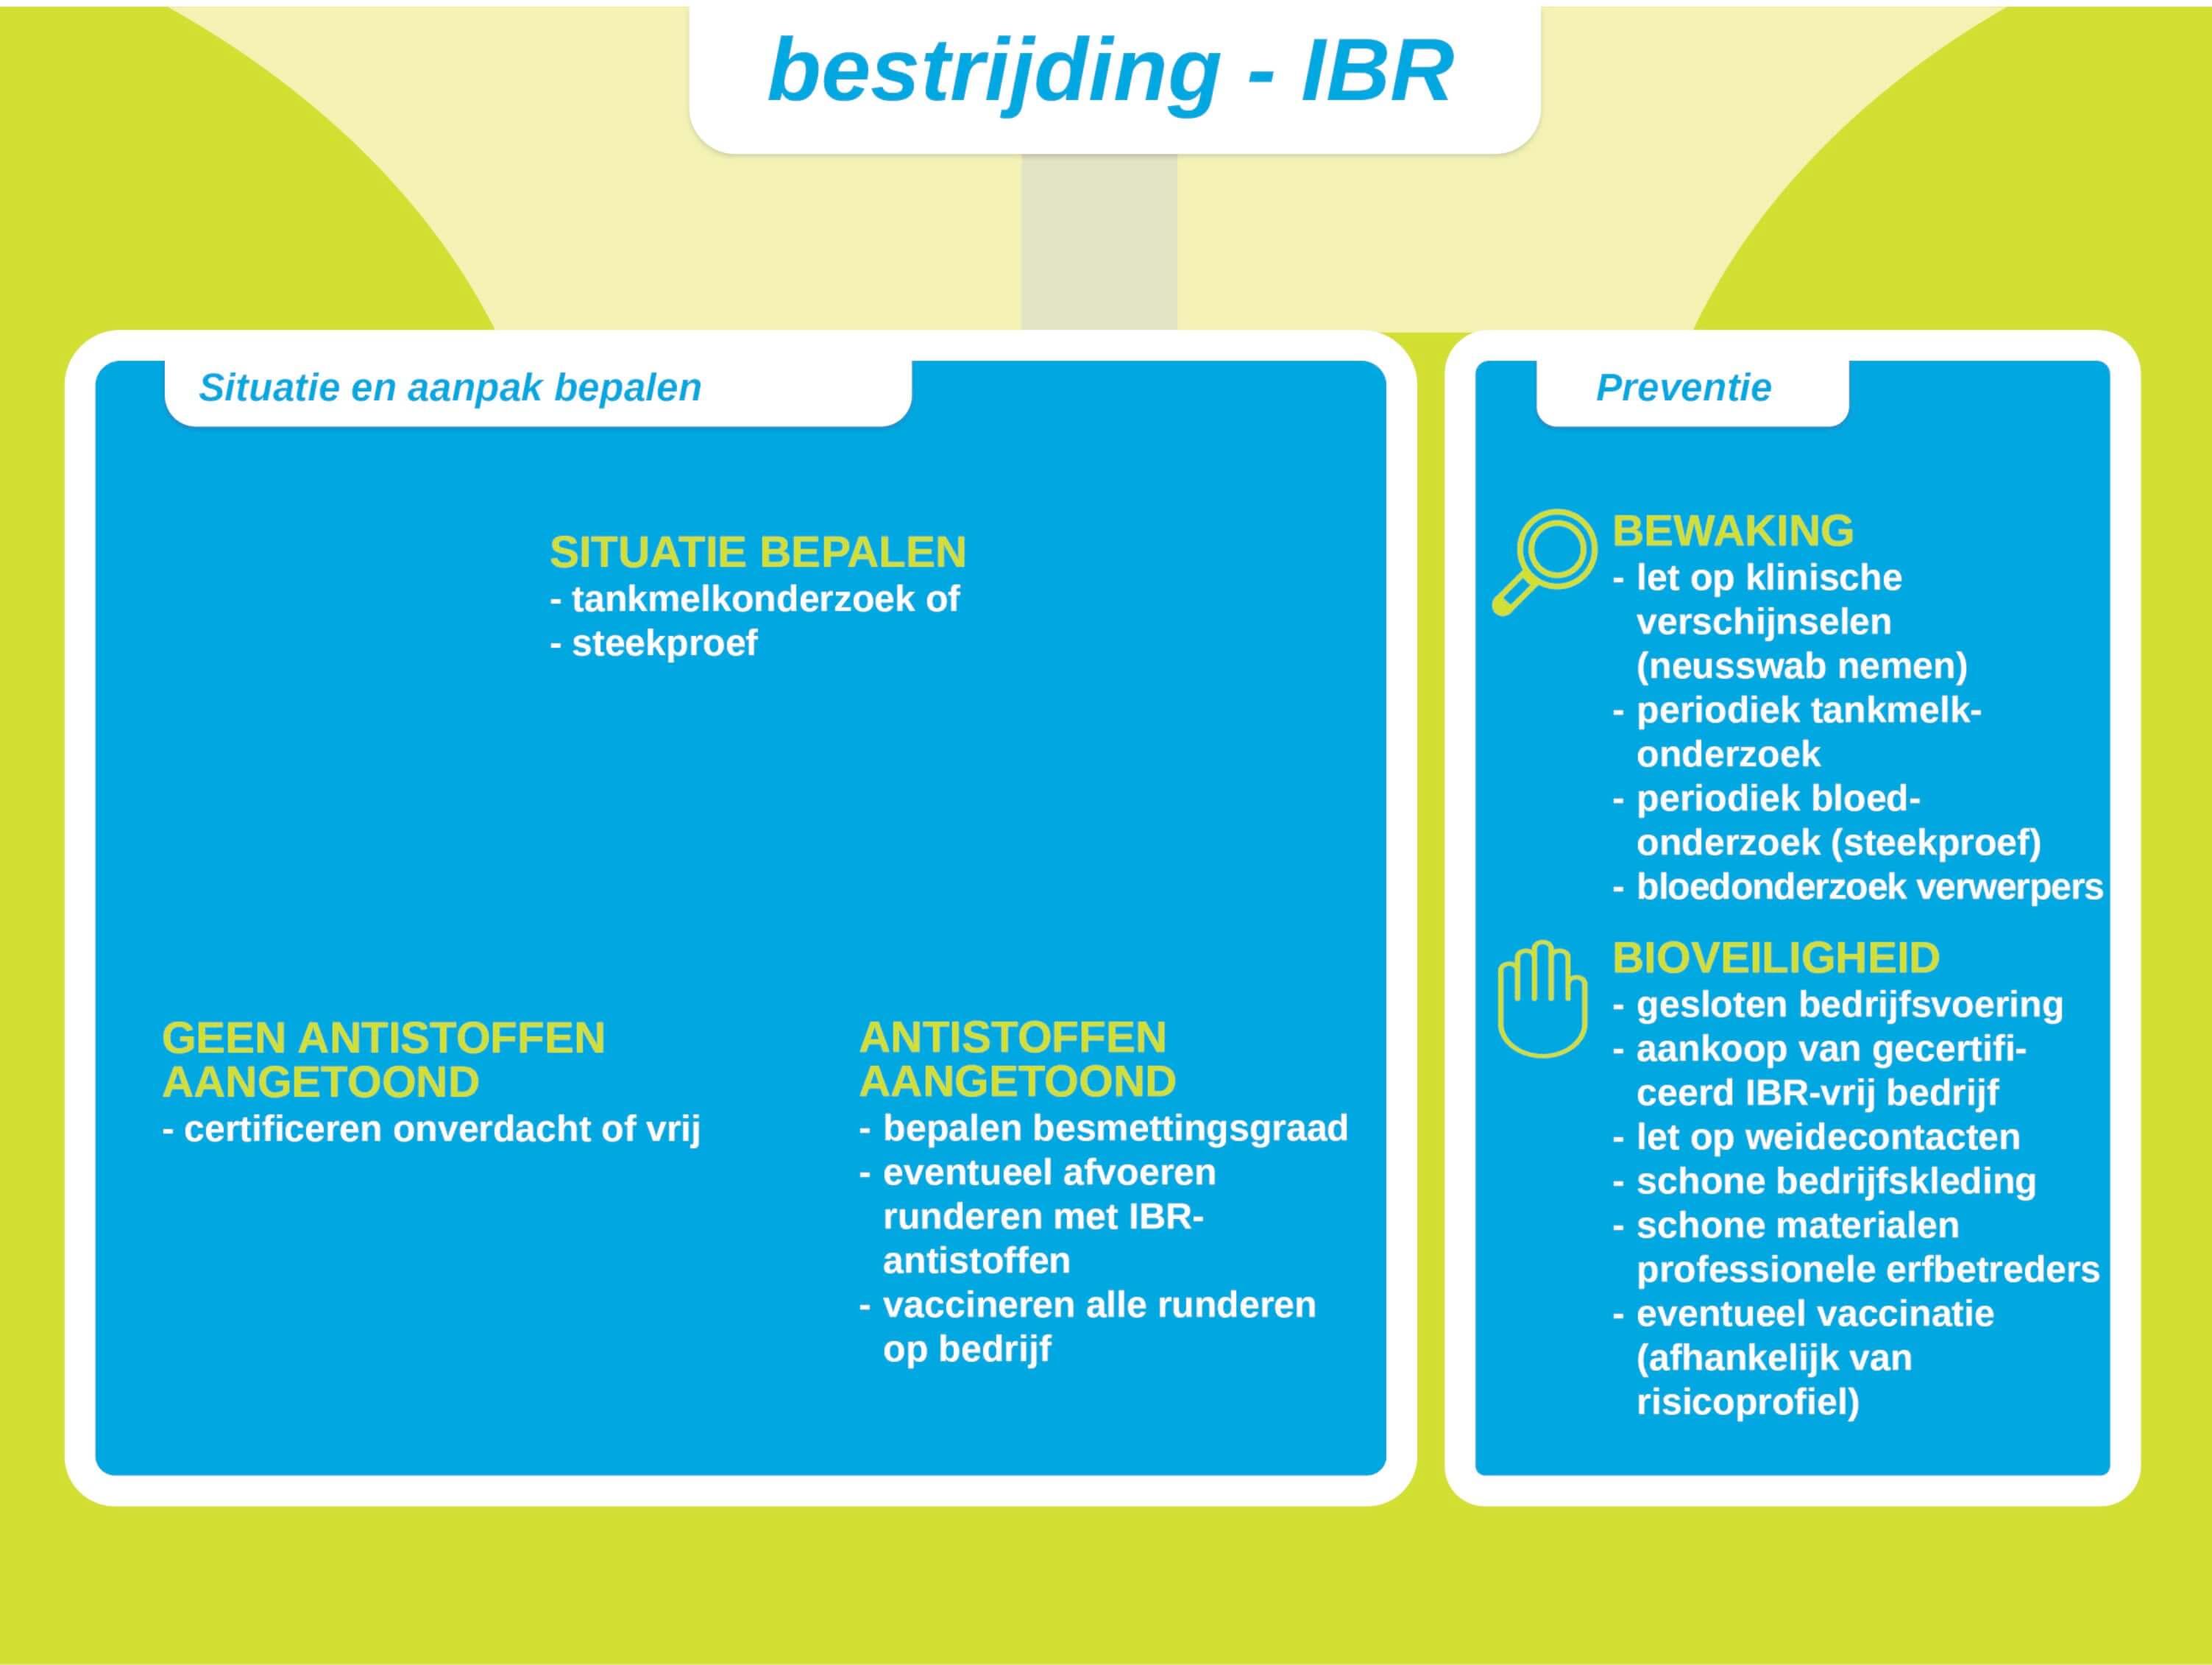 Pijlers bestrijding IBR